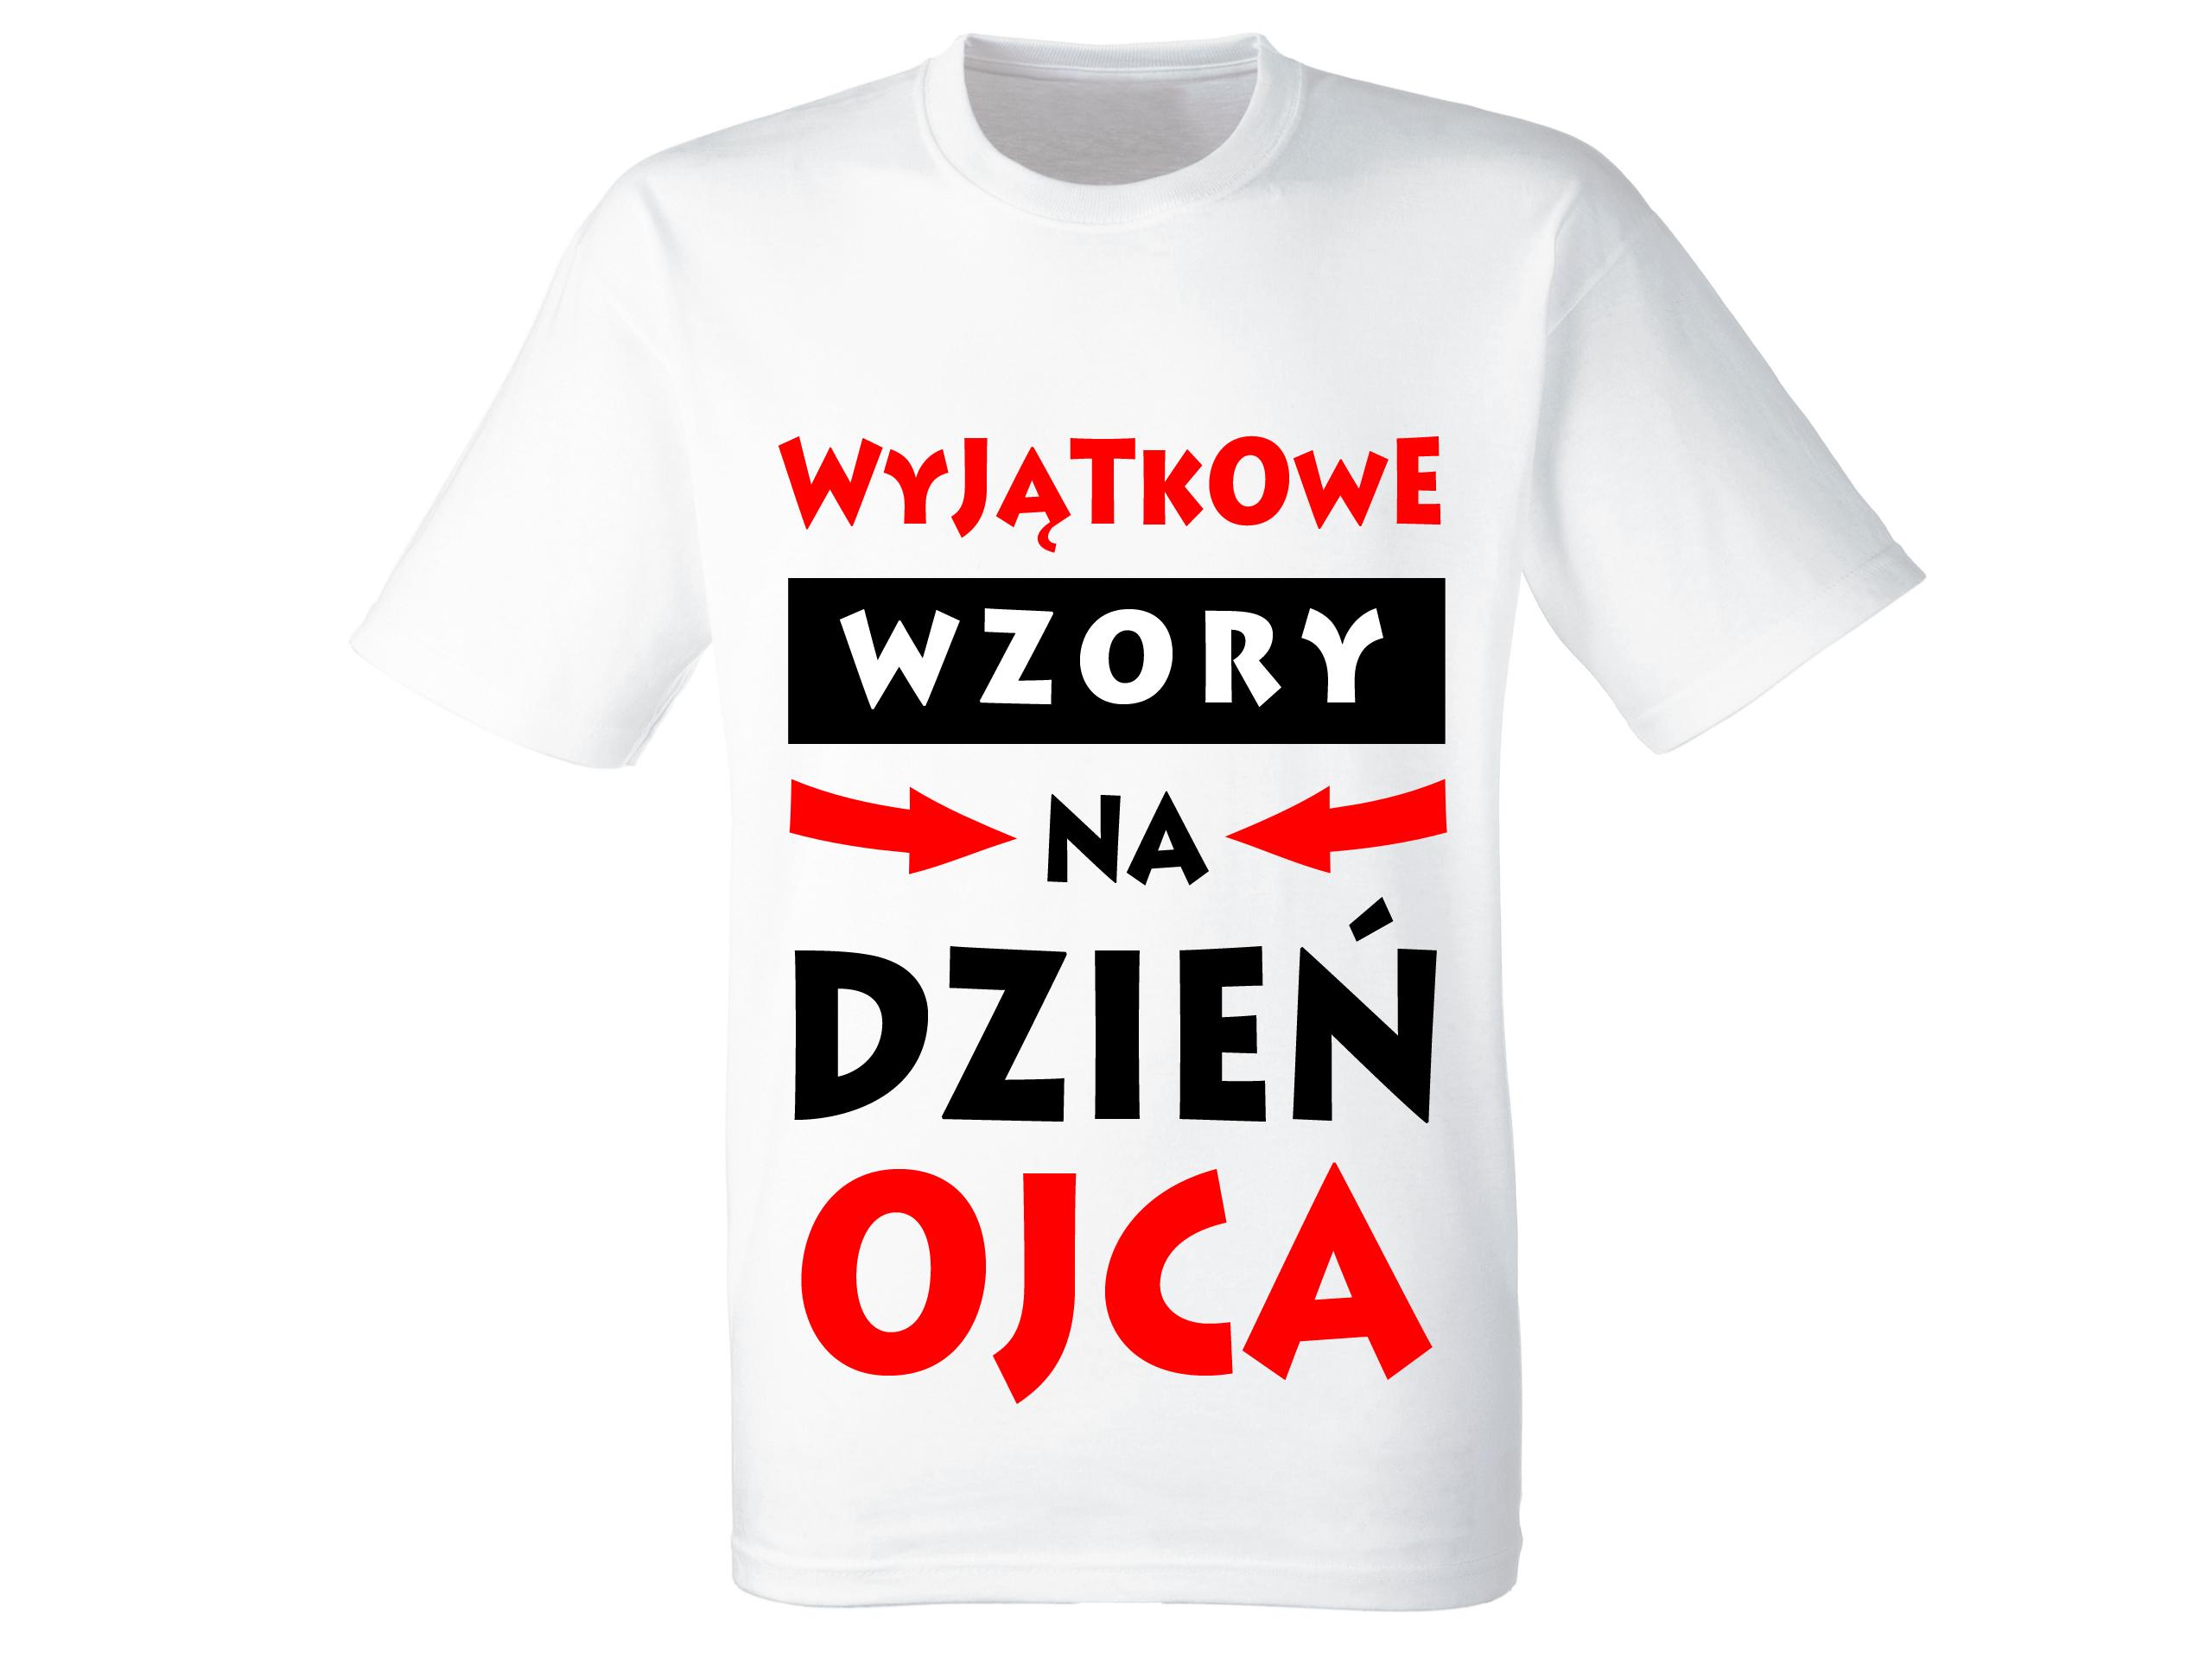 4d5c838a8e0f63 Koszulka Dzień Ojca Prezent Dla Taty Wzory S - 7324356126 ...